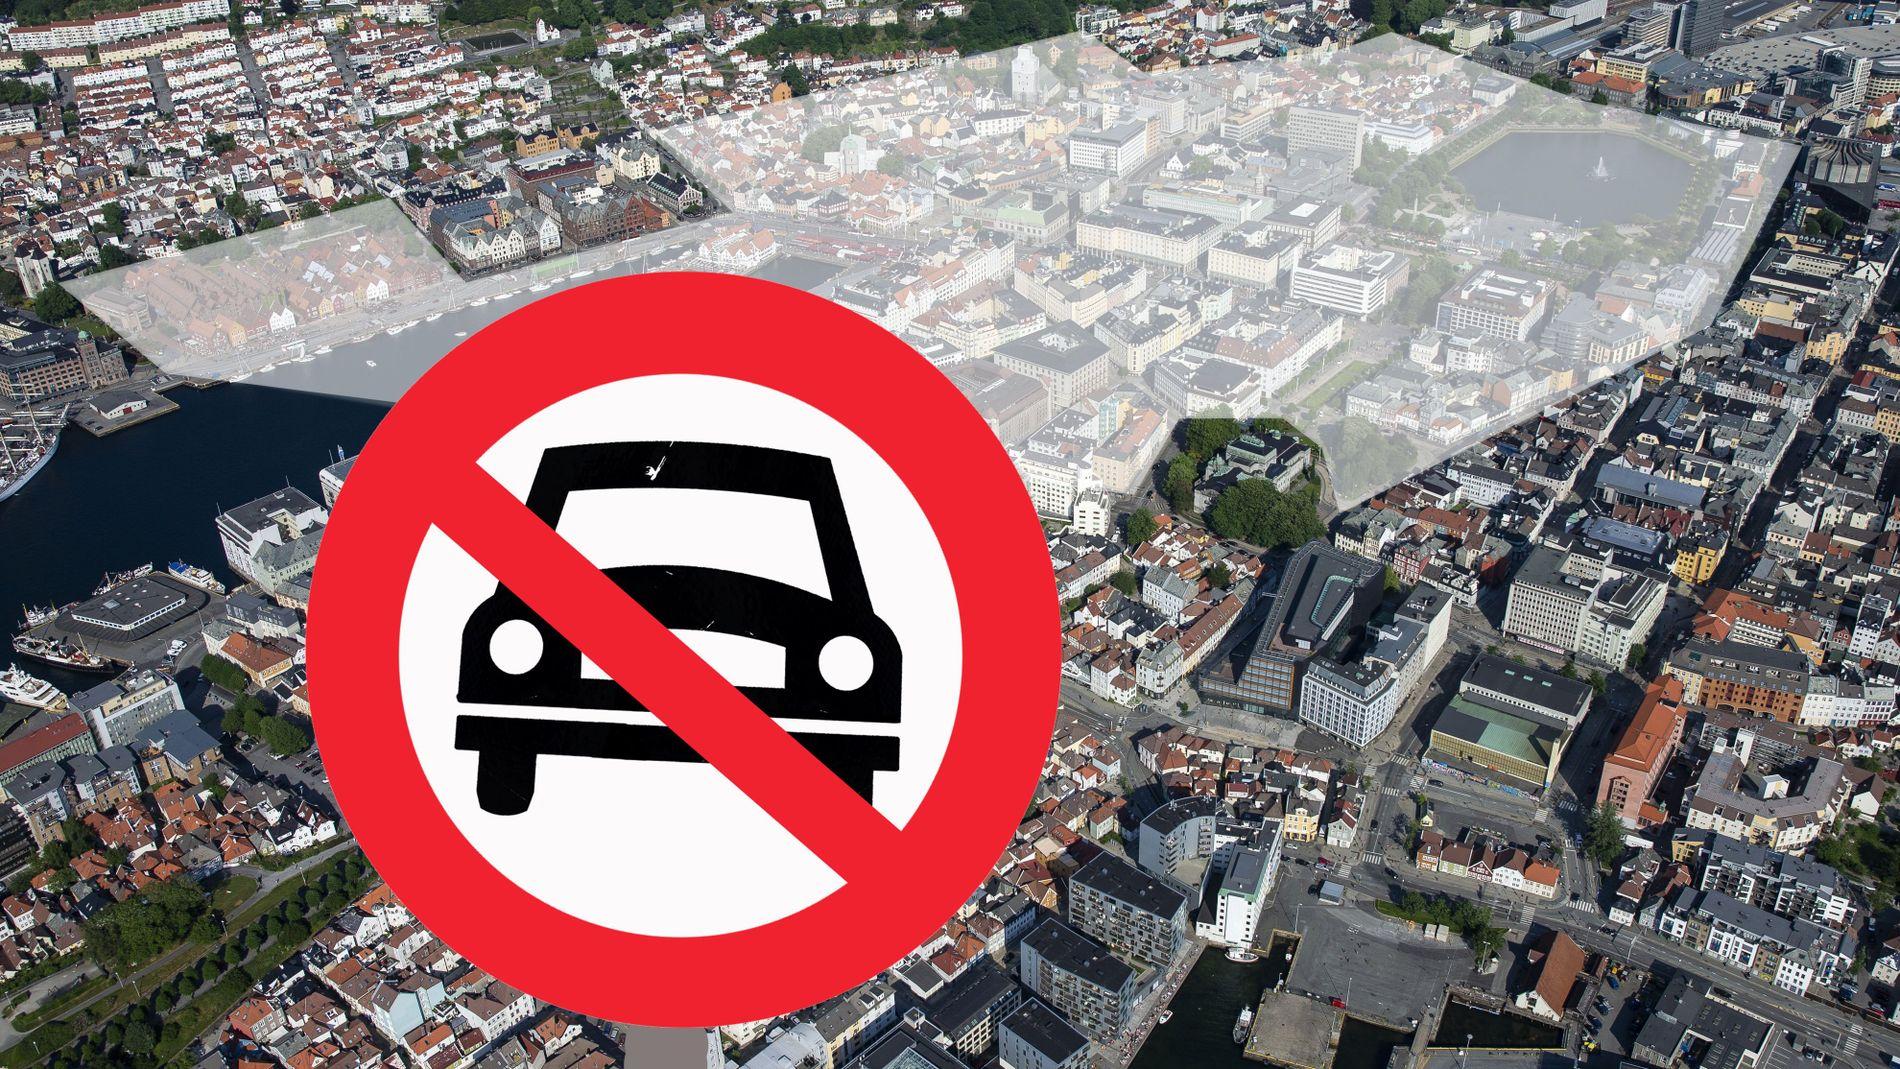 BORT MED BILER: Miljøpartiet de grønne (MDG) har foreslått å forby det meste av bilkjøringen mellom Bystasjonen og teateret, Vaskerelven og Bryggen. Innsenderen er inne på noen av de samme tankene.